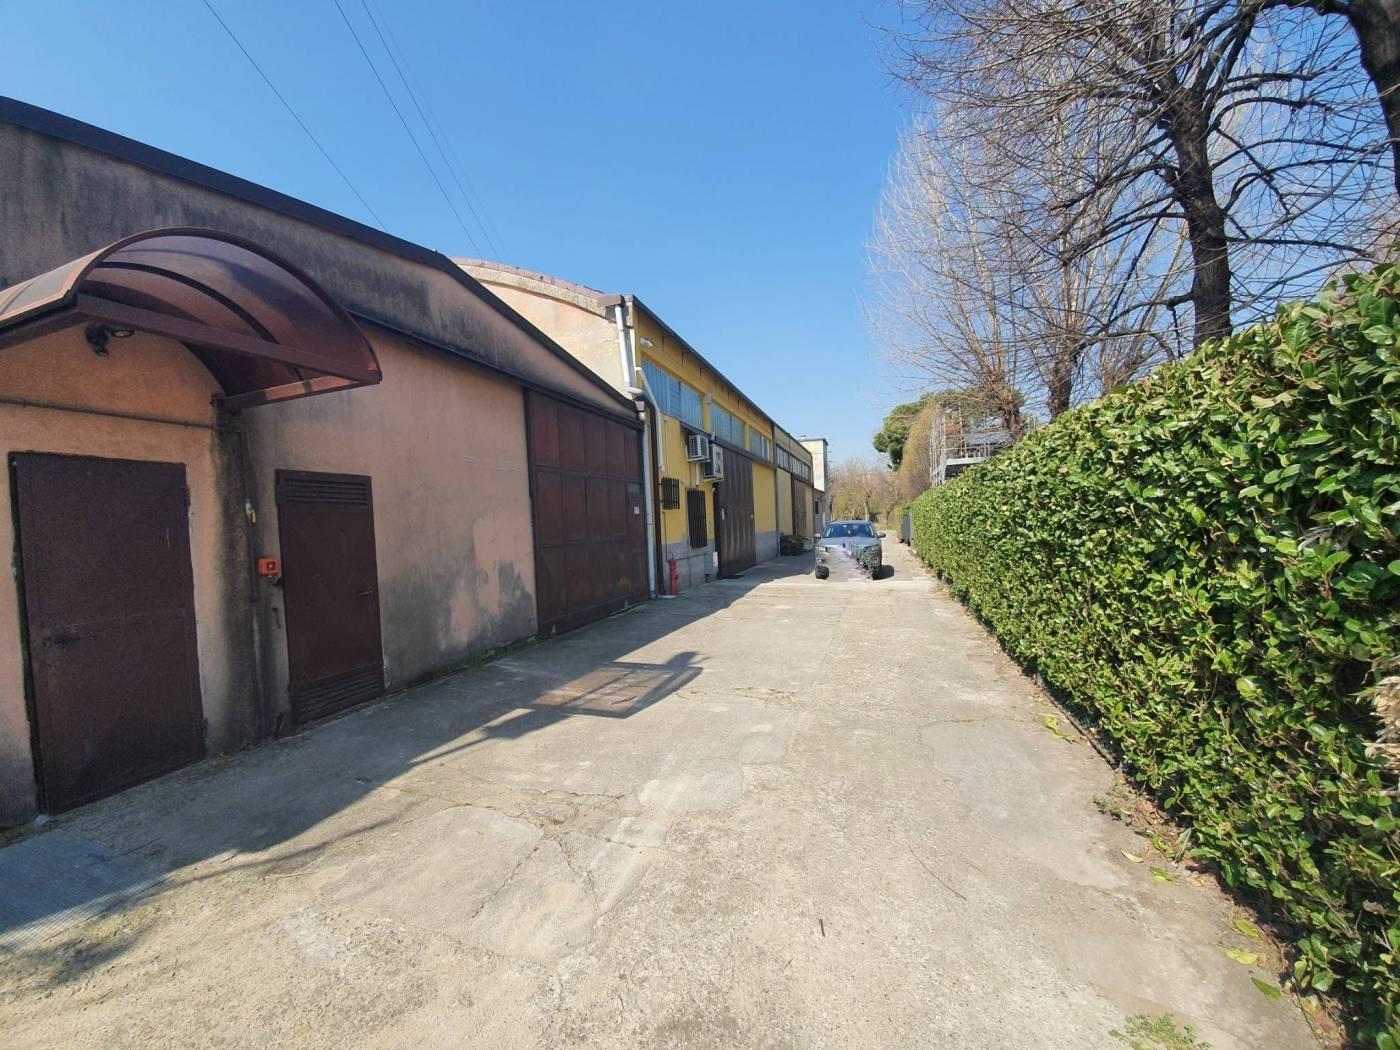 Foto 15 - Magazzino in Vendita - Monza, Zona Buonarroti